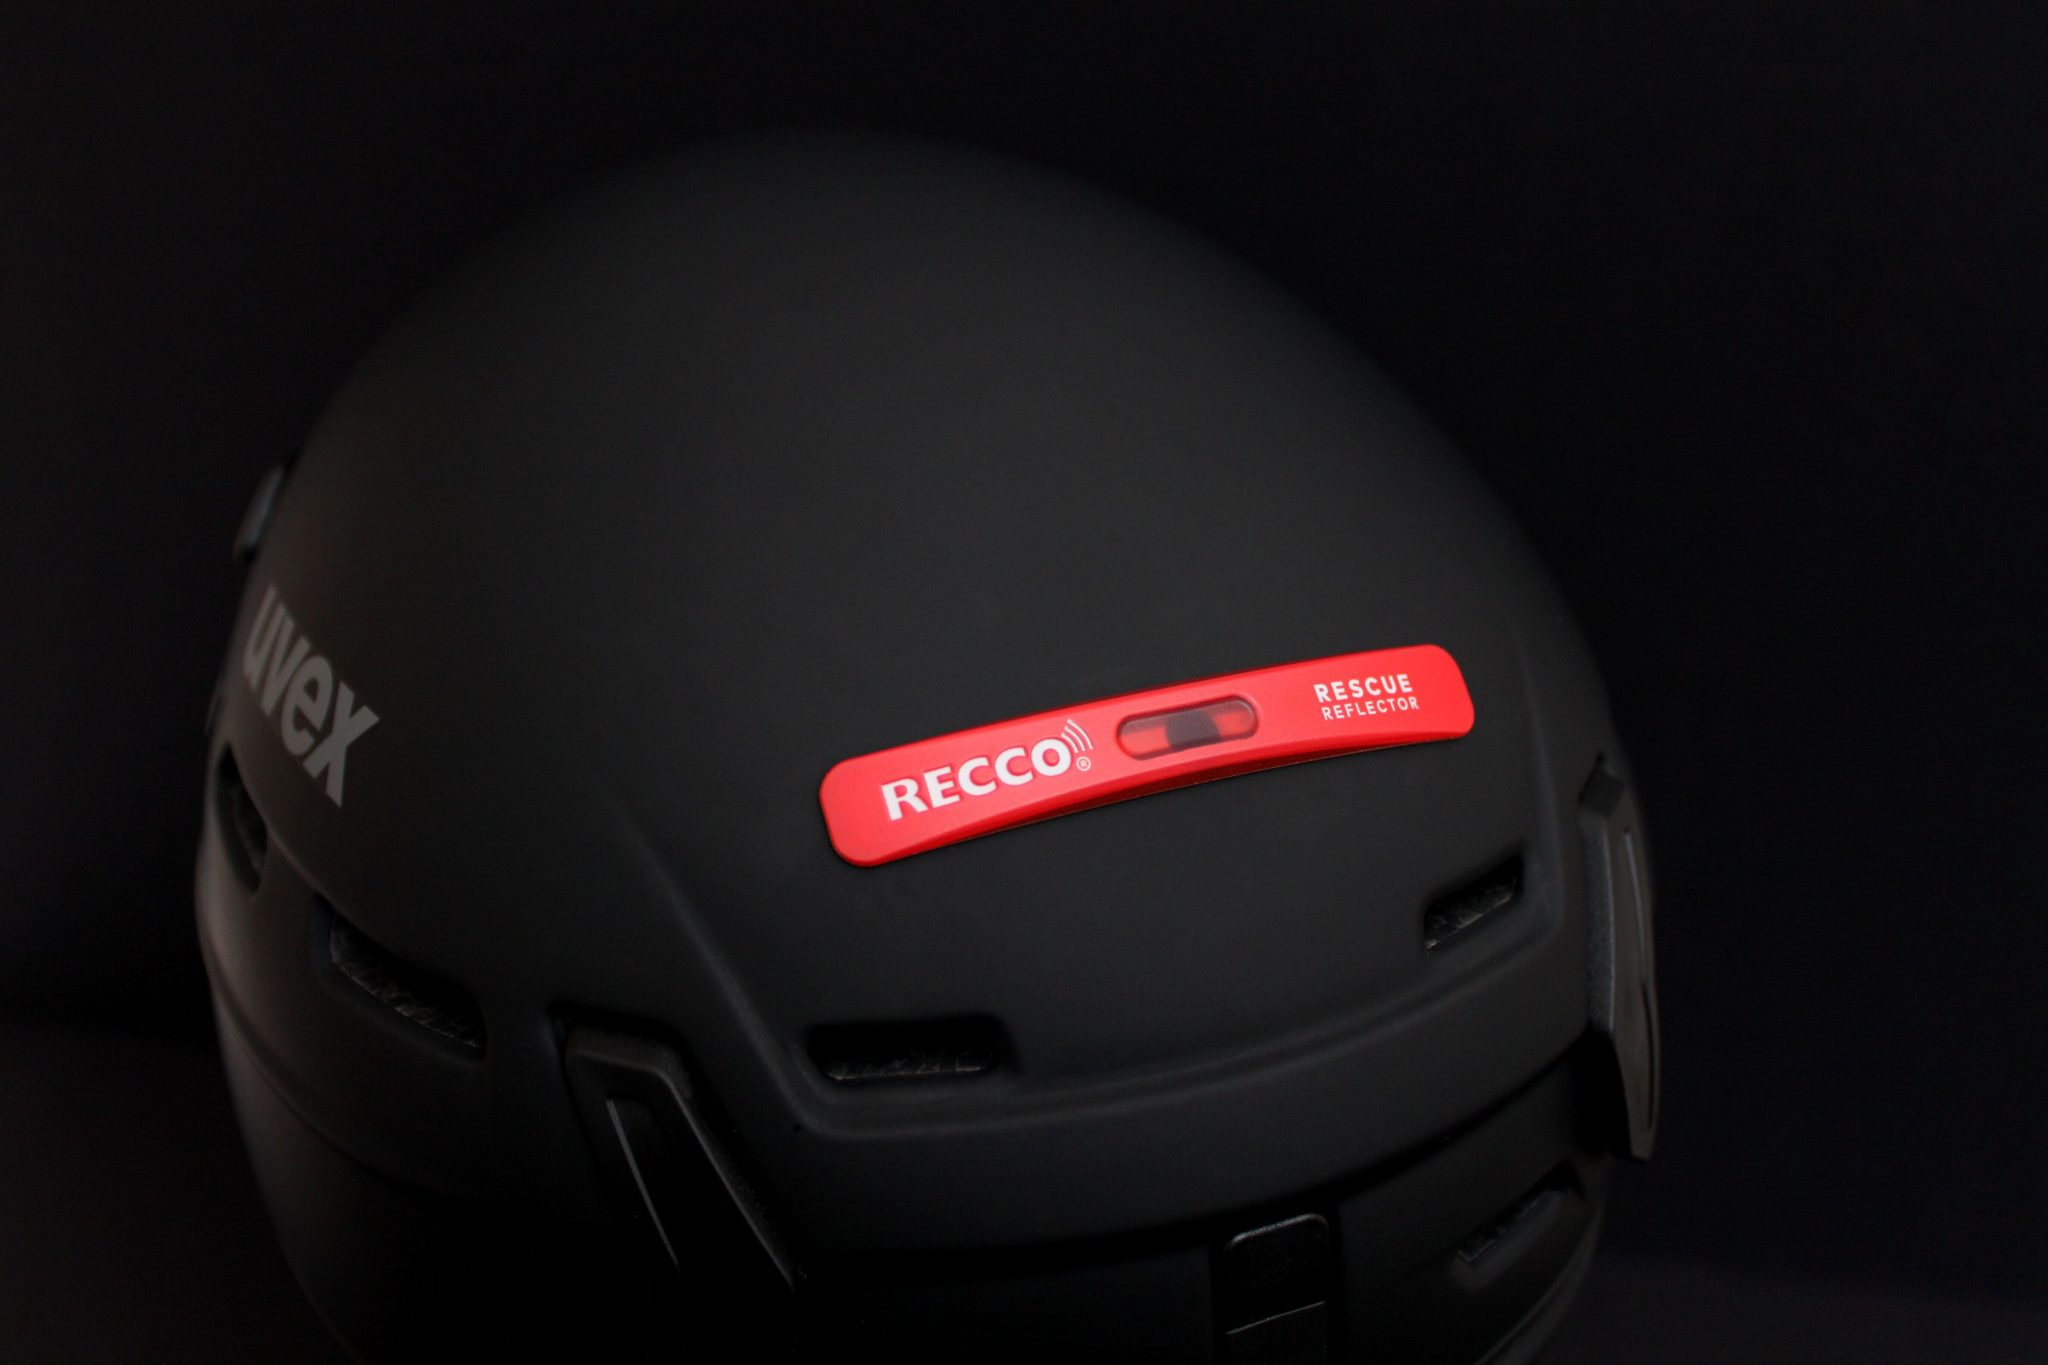 Recco Helmet Rescue Reflector